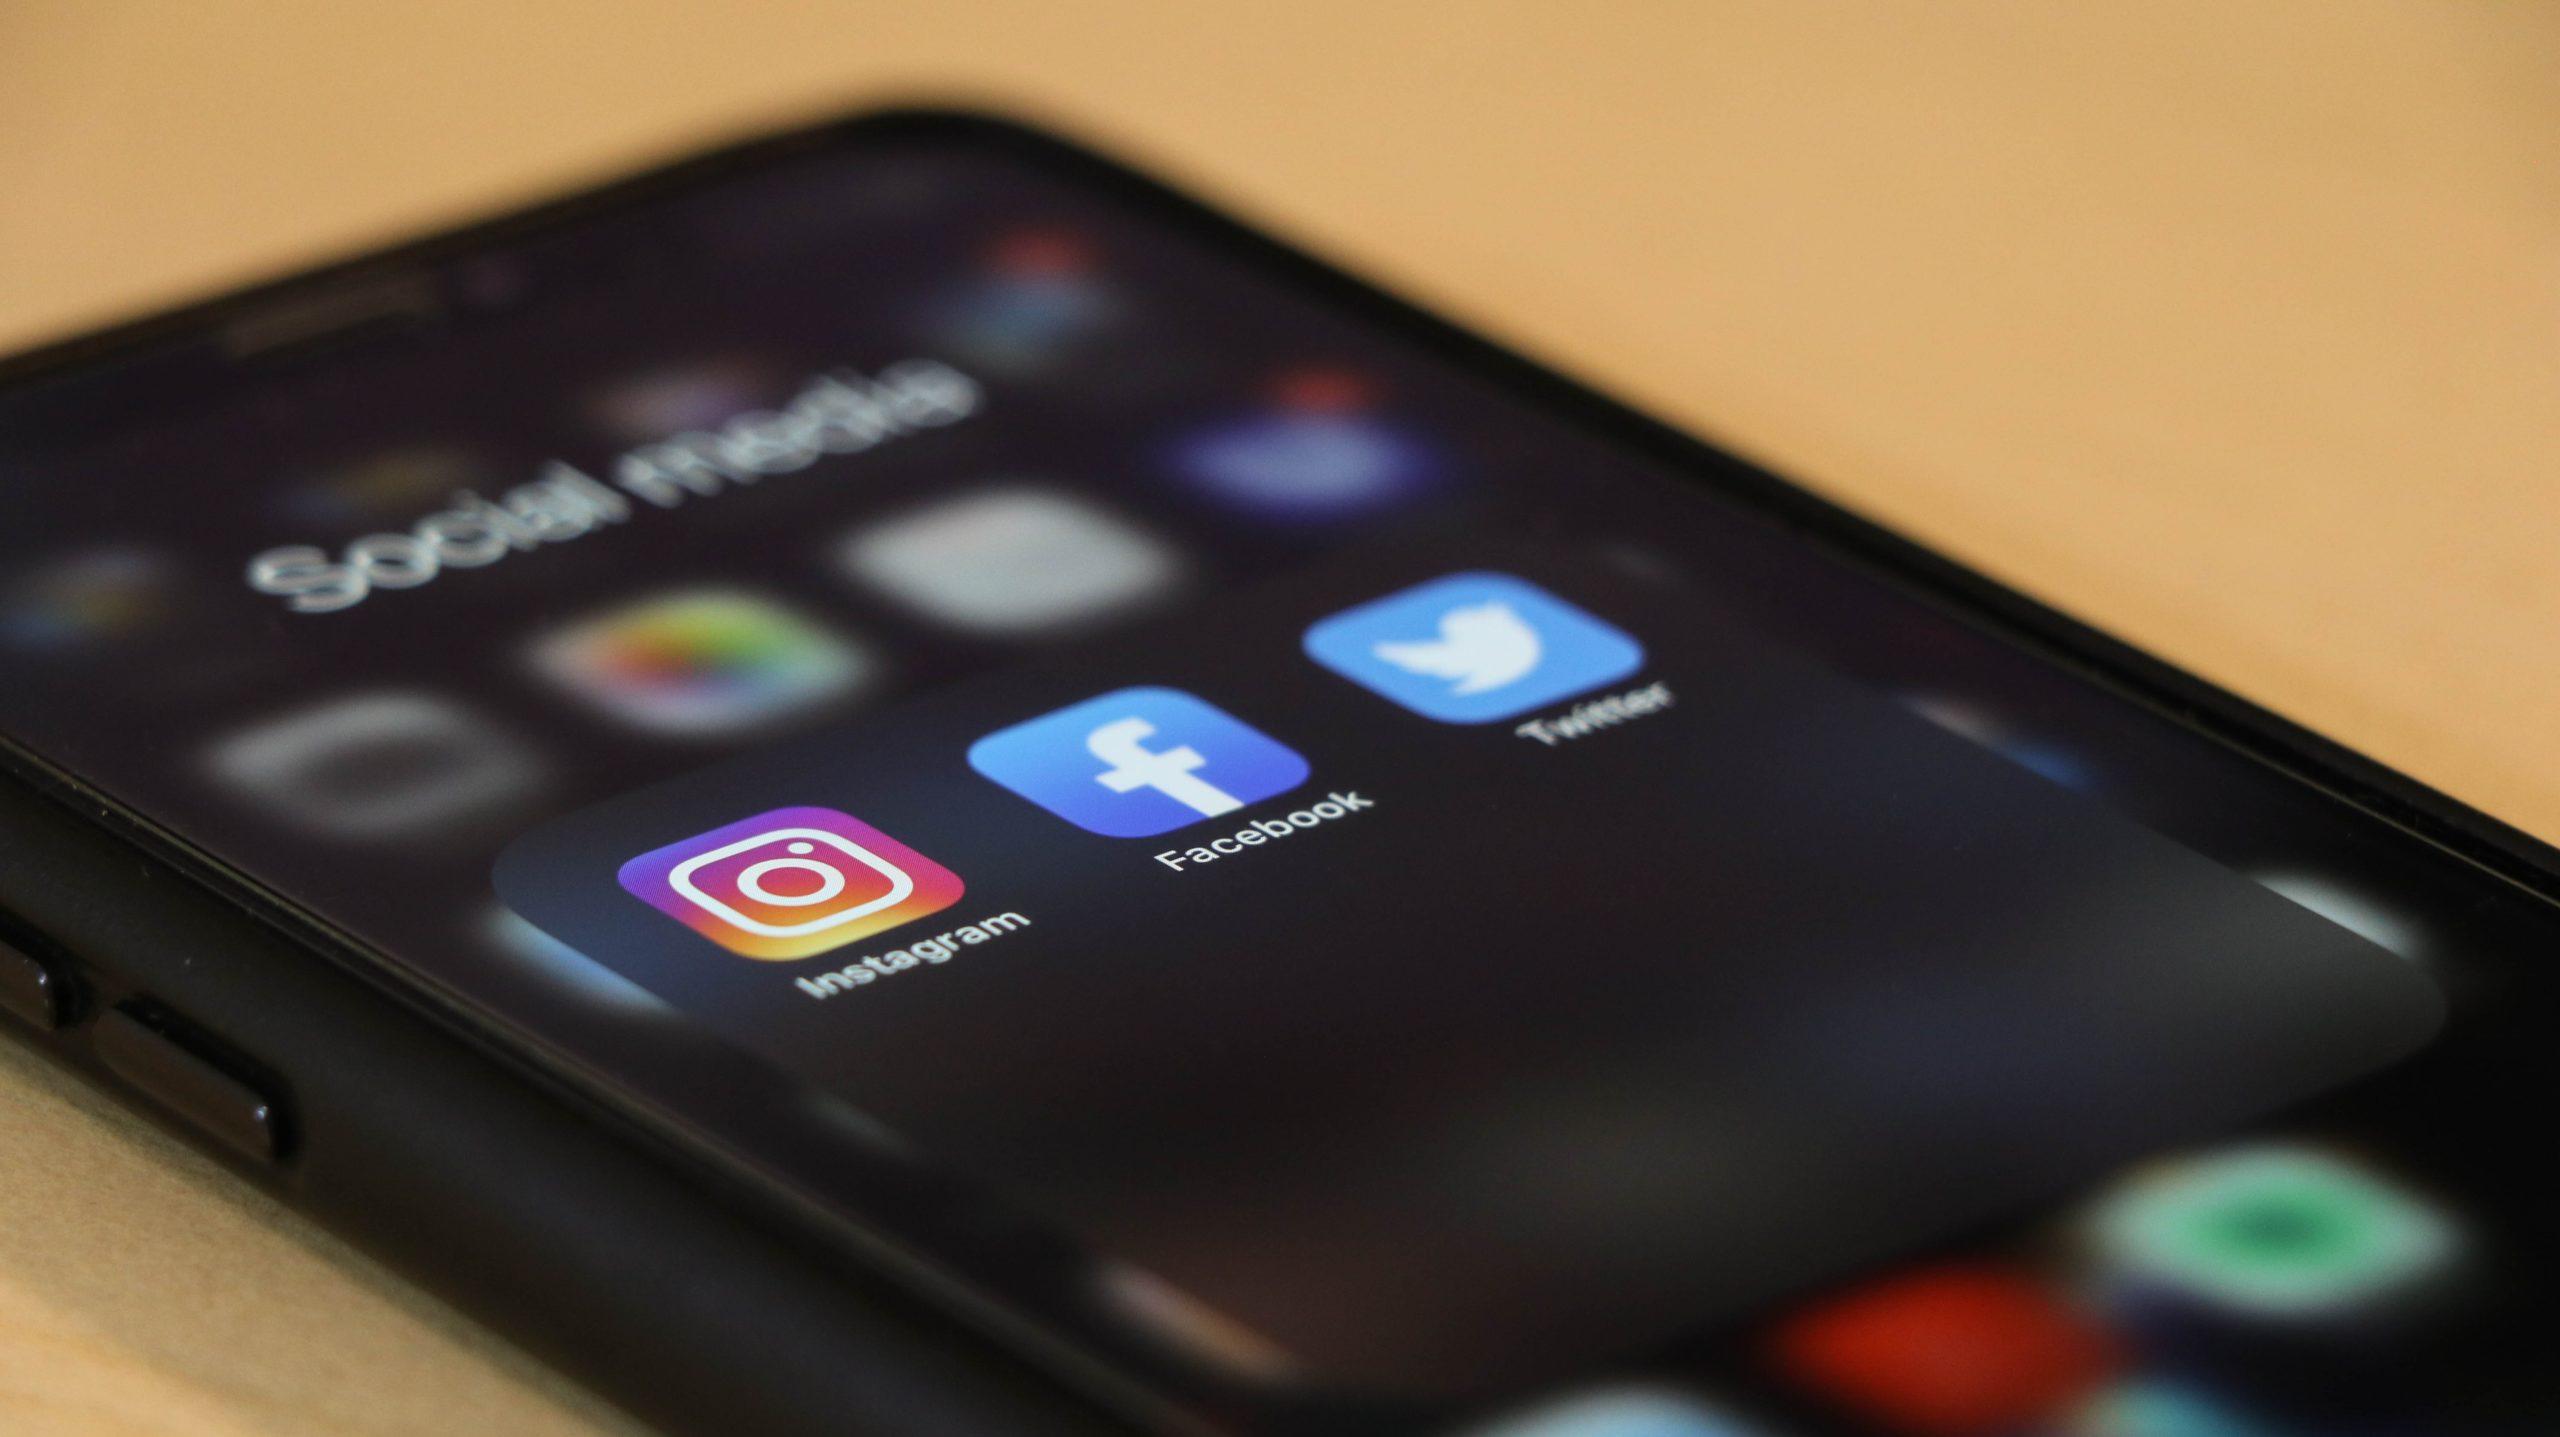 social media leak,data leak,dark web data,tech News